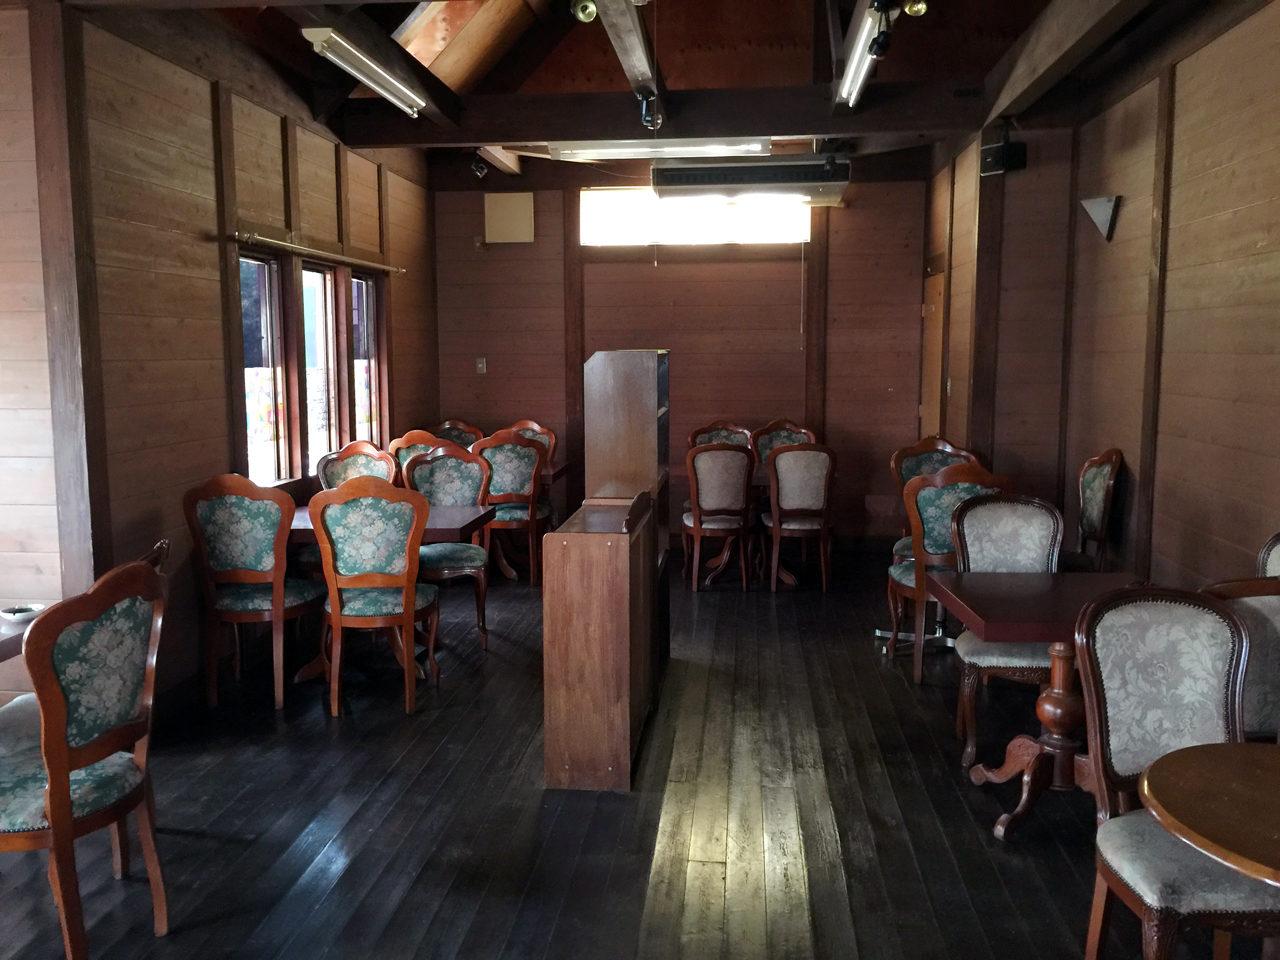 市街化調整区域での住宅の建て替え設計・デザインの既設喫茶店の店内